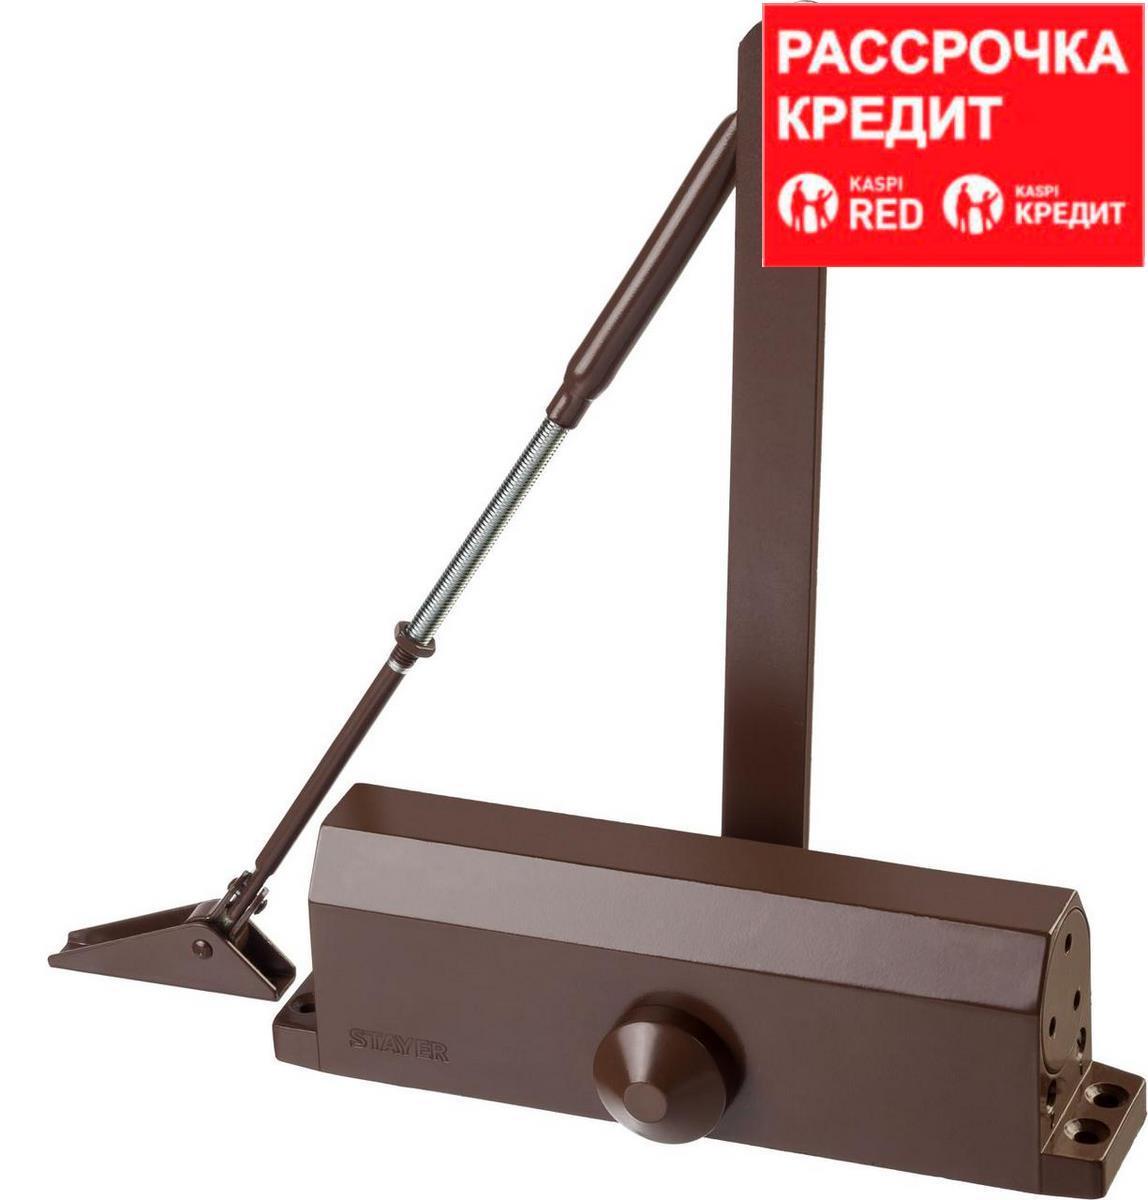 Доводчик дверной STAYER, для дверей массой до 100 кг, цвет коричневый (37917-100)